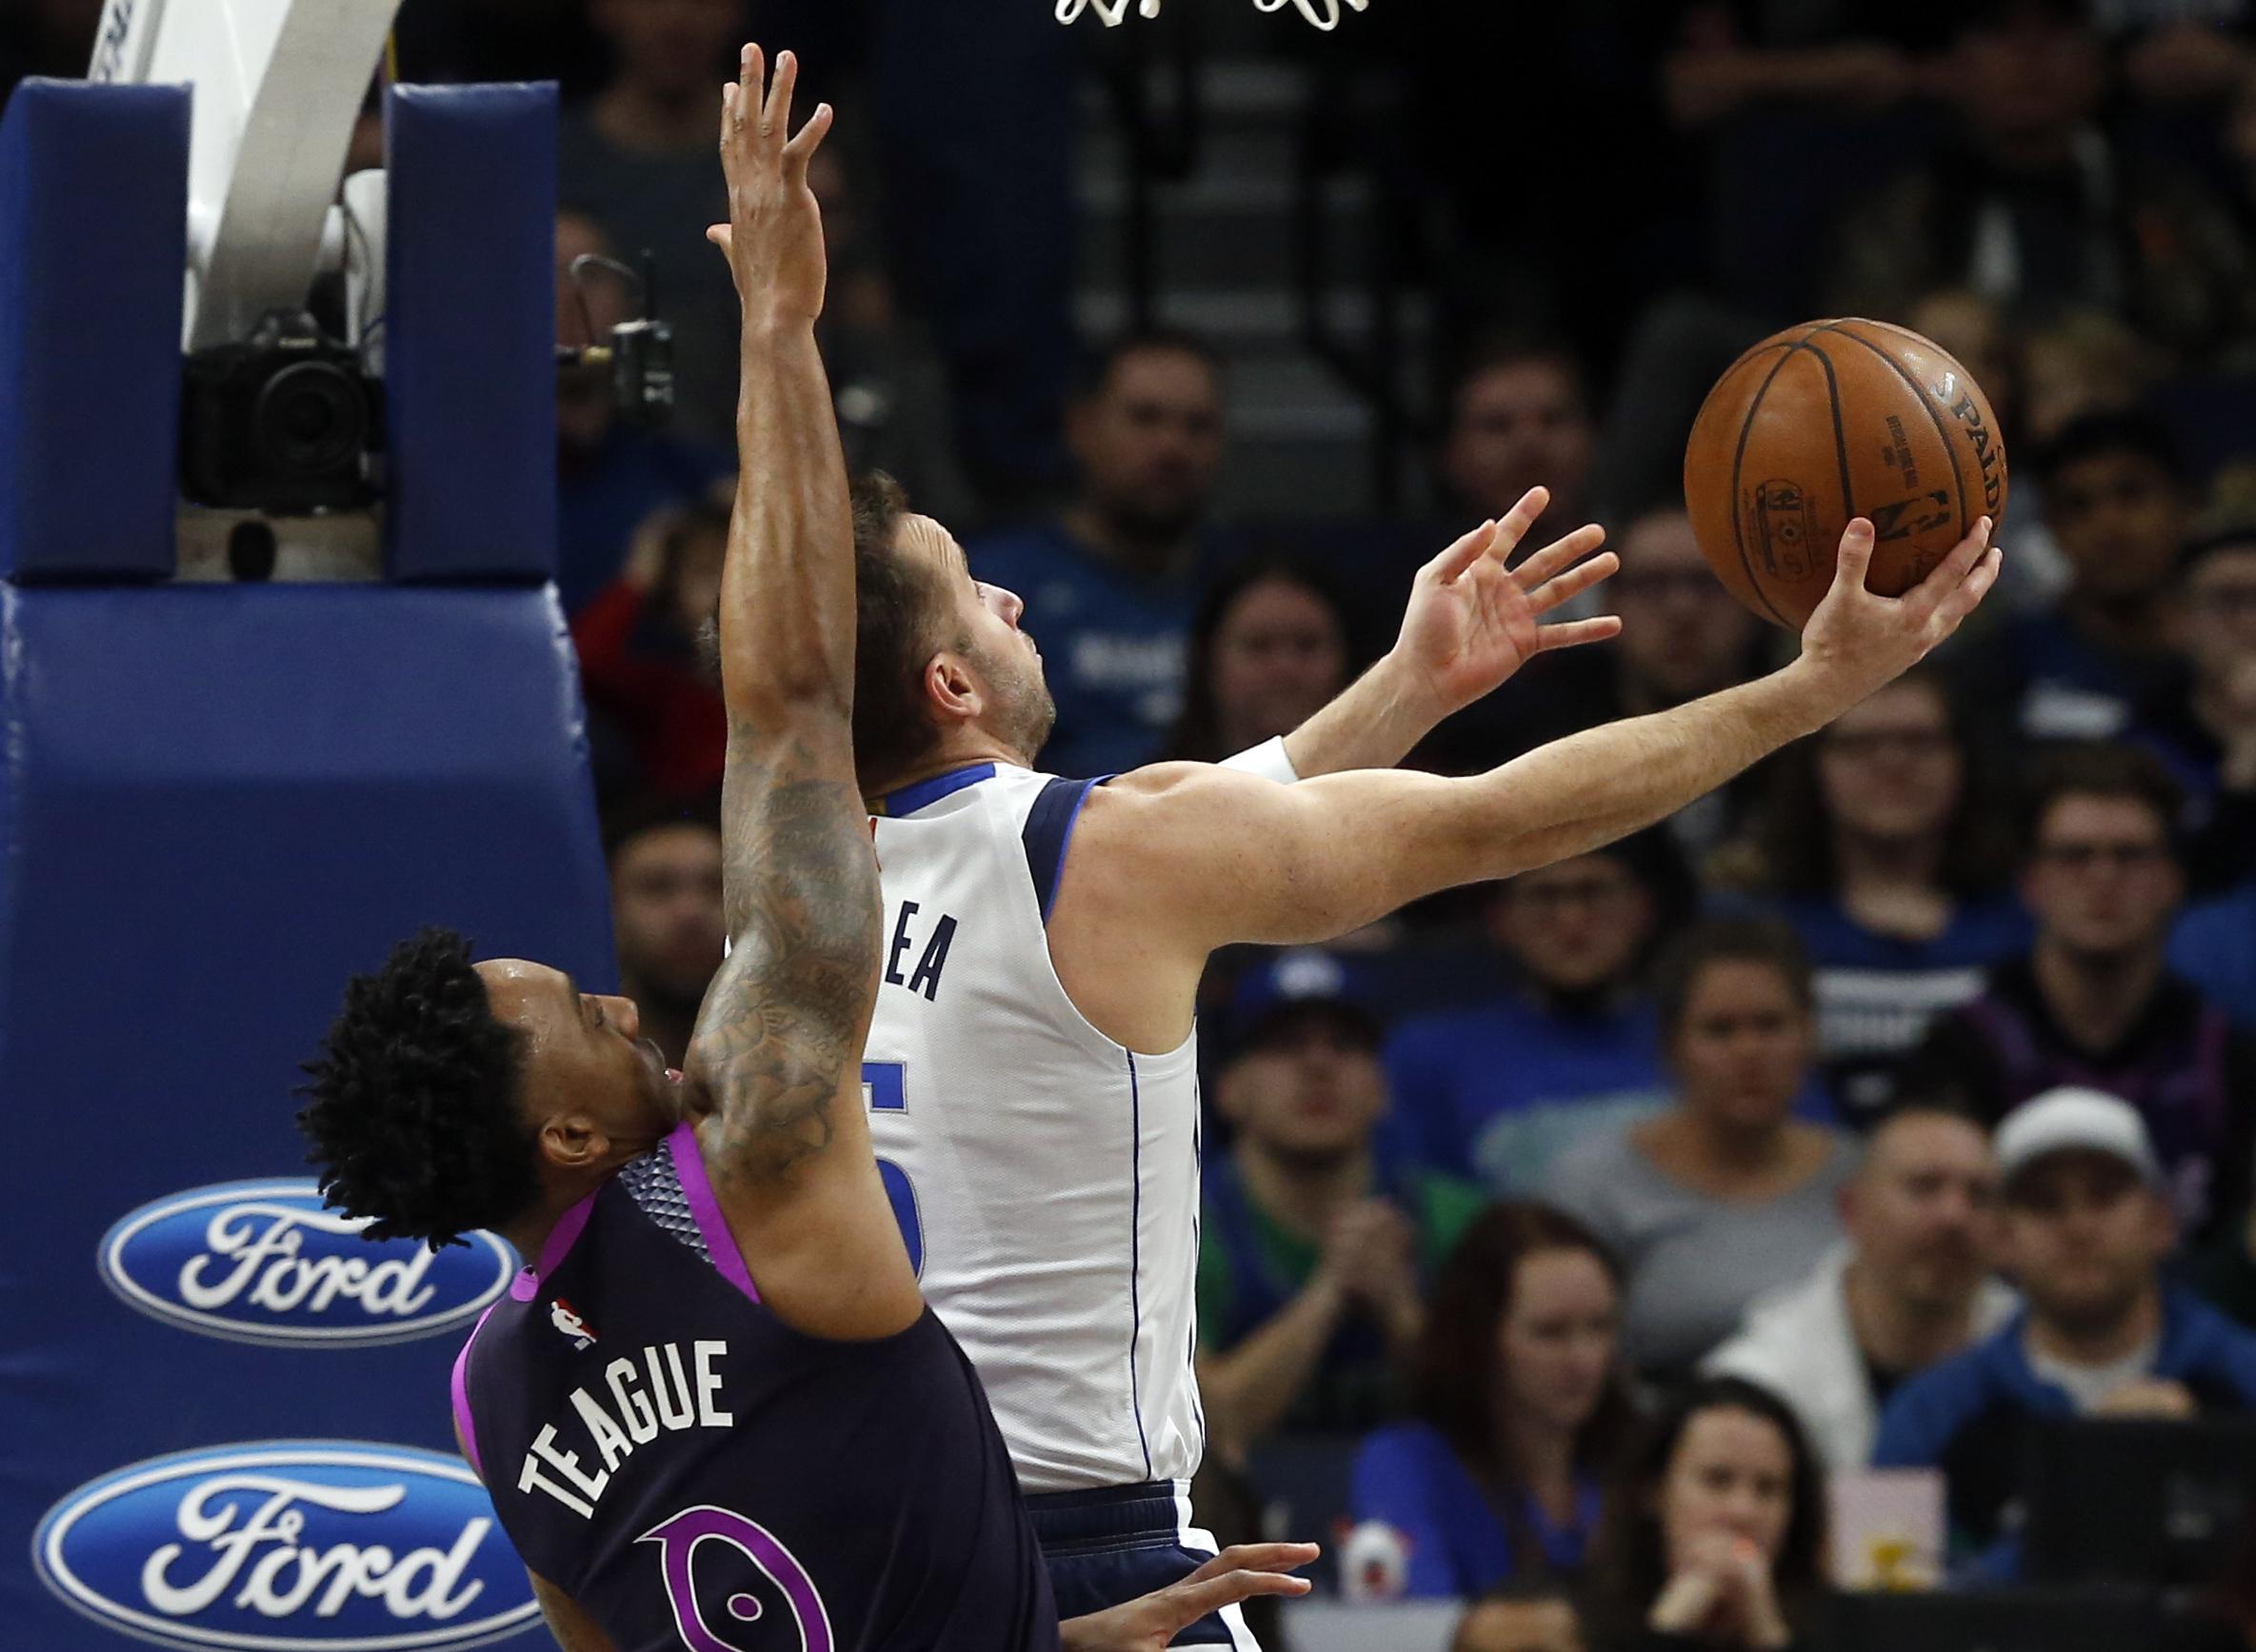 AP source: Mavs' J.J. Barea has season-ending Achilles tear